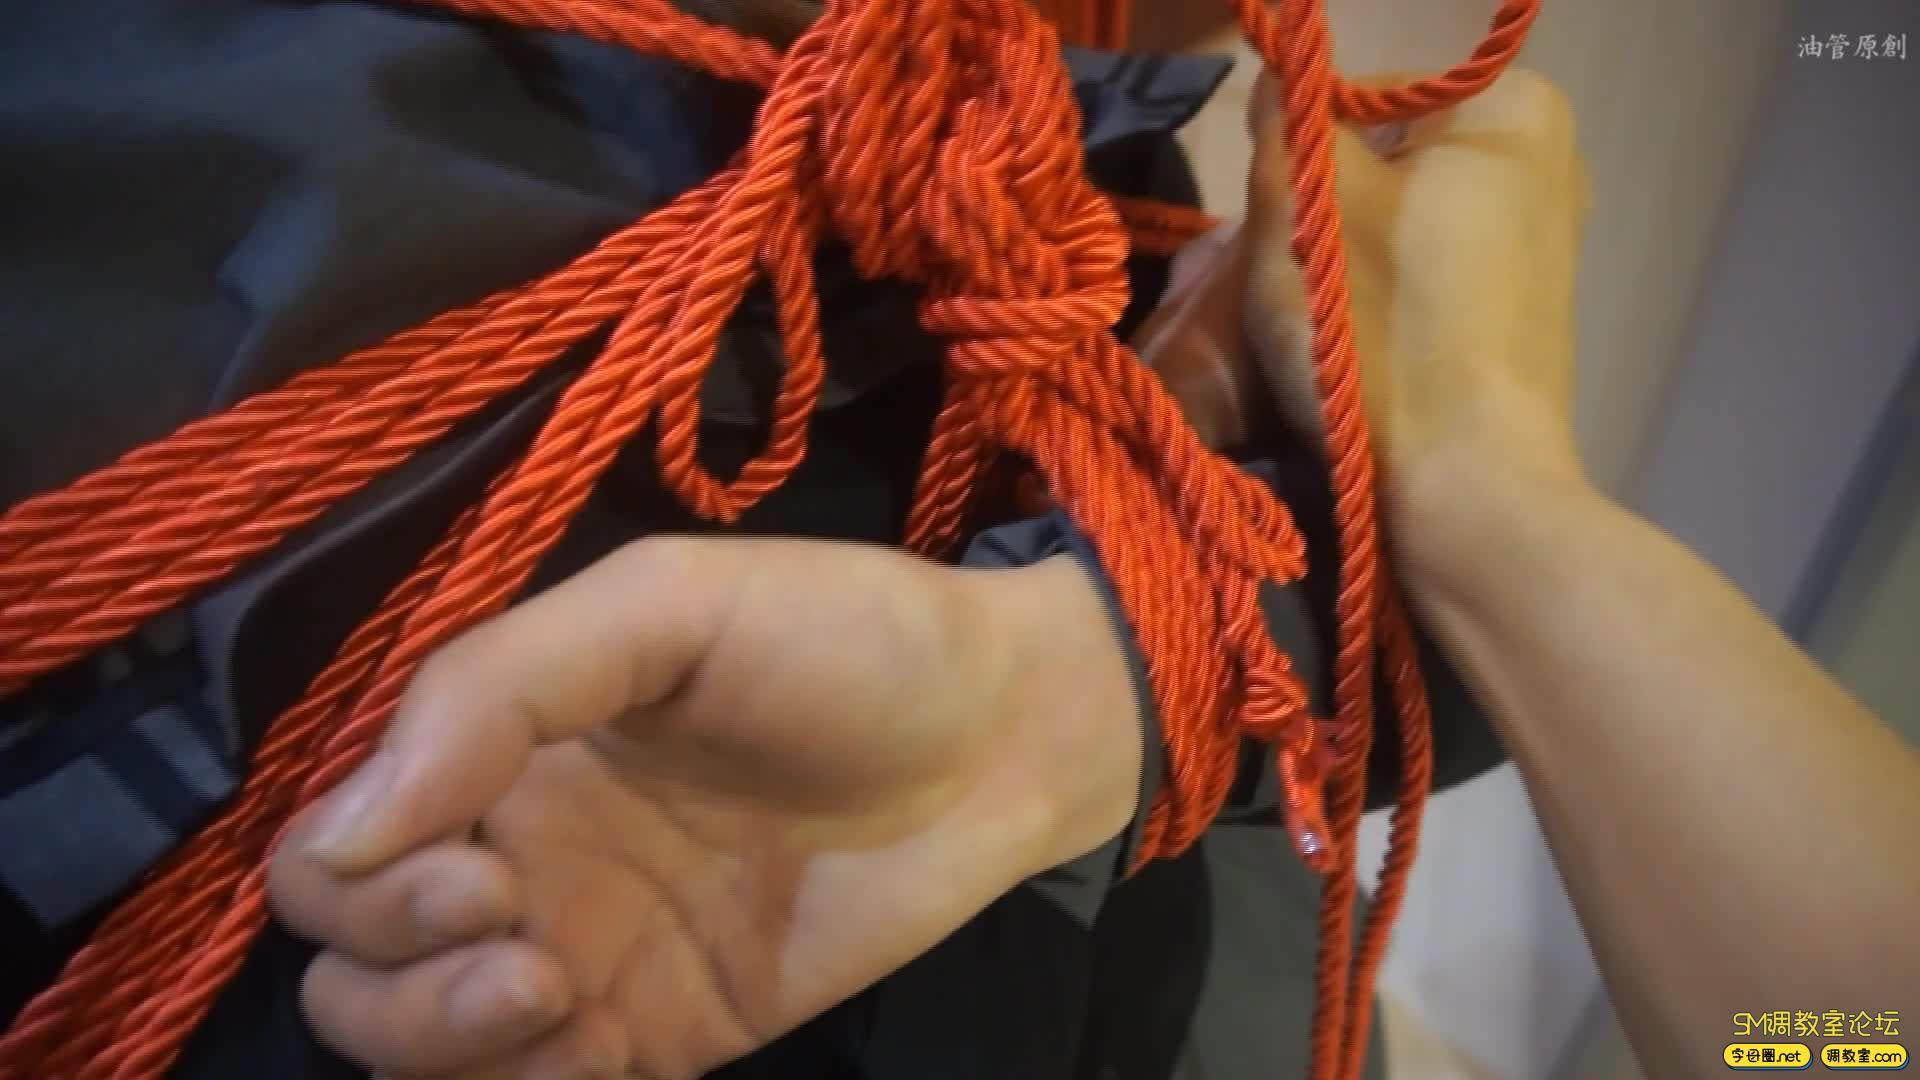 油管原创_好久没见的模特小怡  红绳紧缚-视频截图3